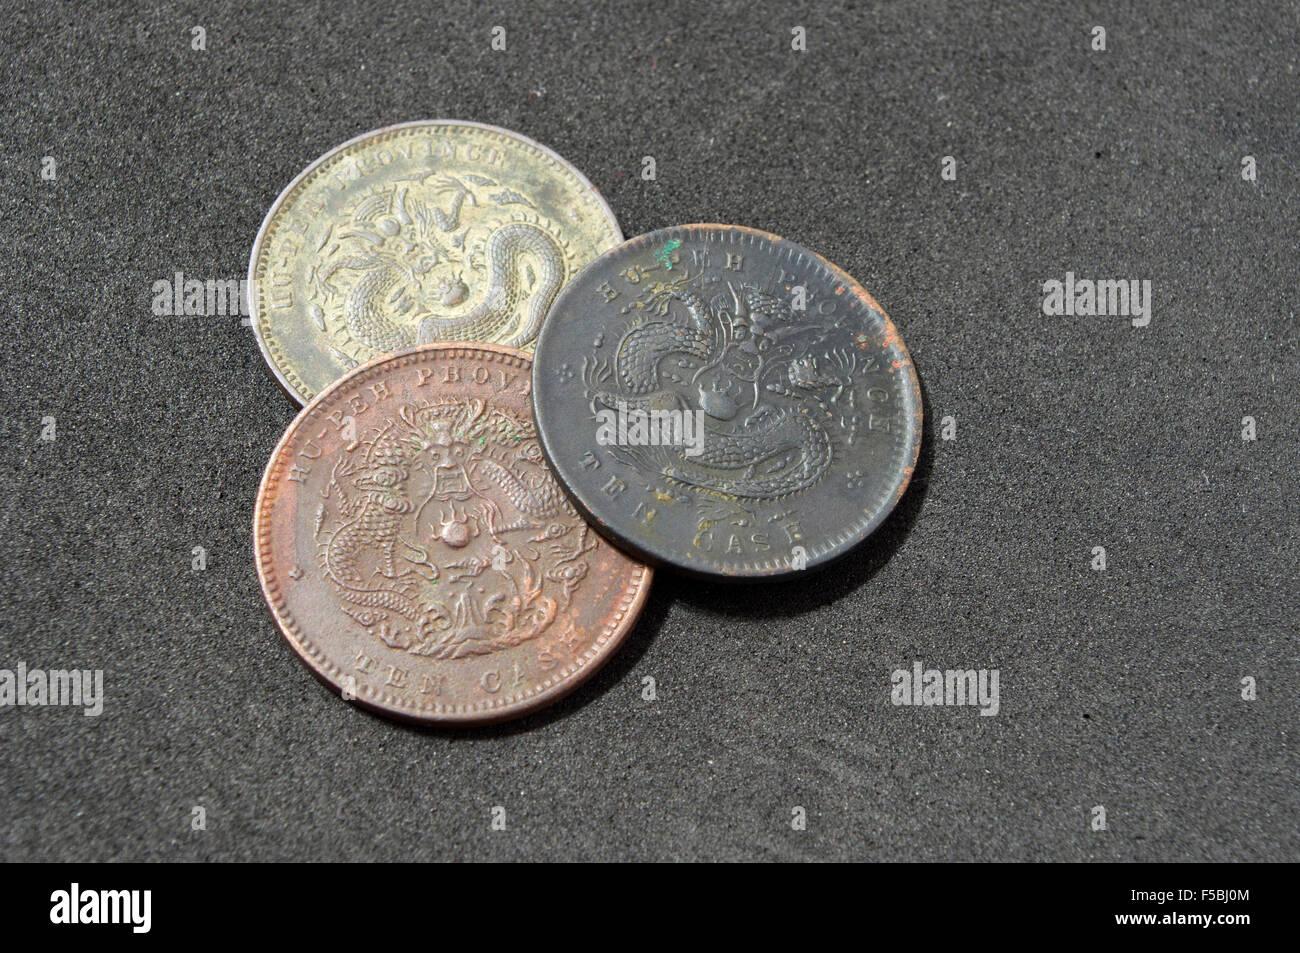 Alte Chinesische Münze Der Qing Dynastie Stockfoto Bild 89380724